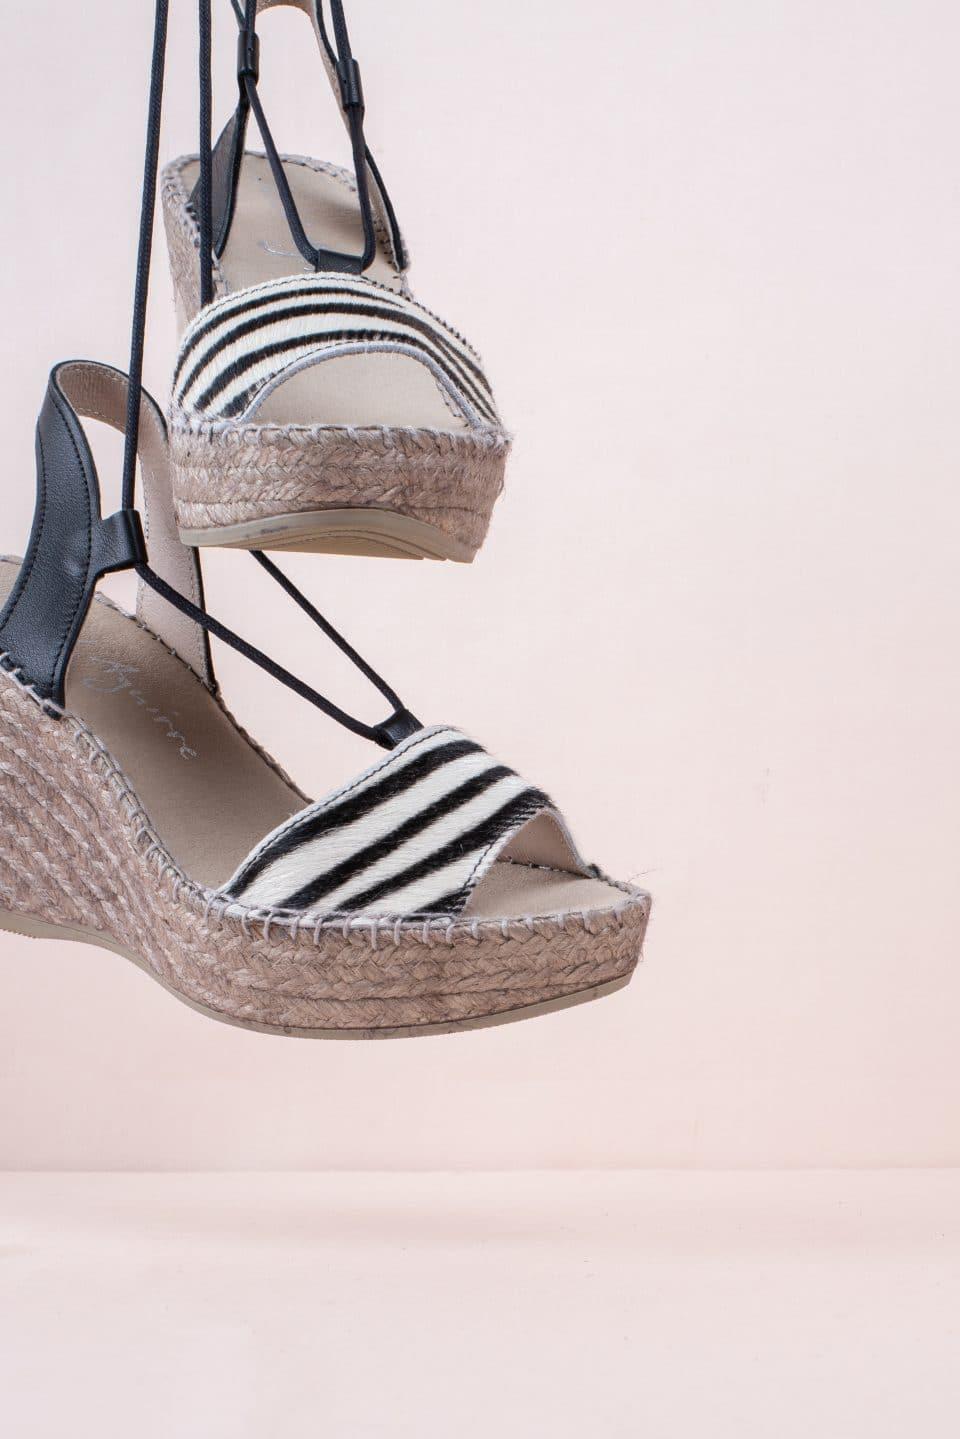 Pony Cebra Alpargatas en Loyna Shoes